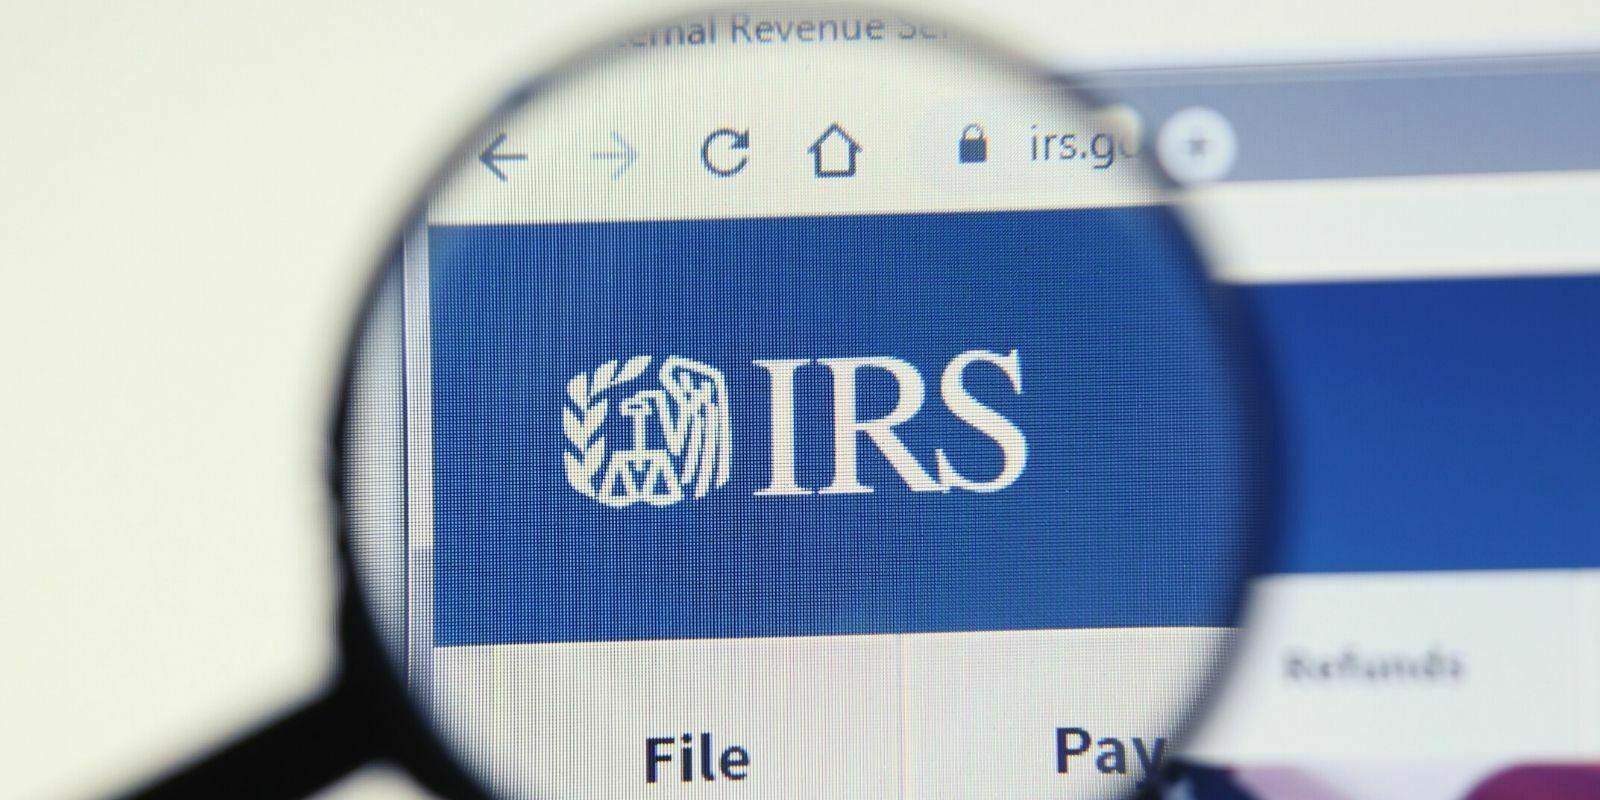 États-Unis : les entreprises devront déclarer à l'IRS les transactions de cryptomonnaies supérieures à 10 000 $